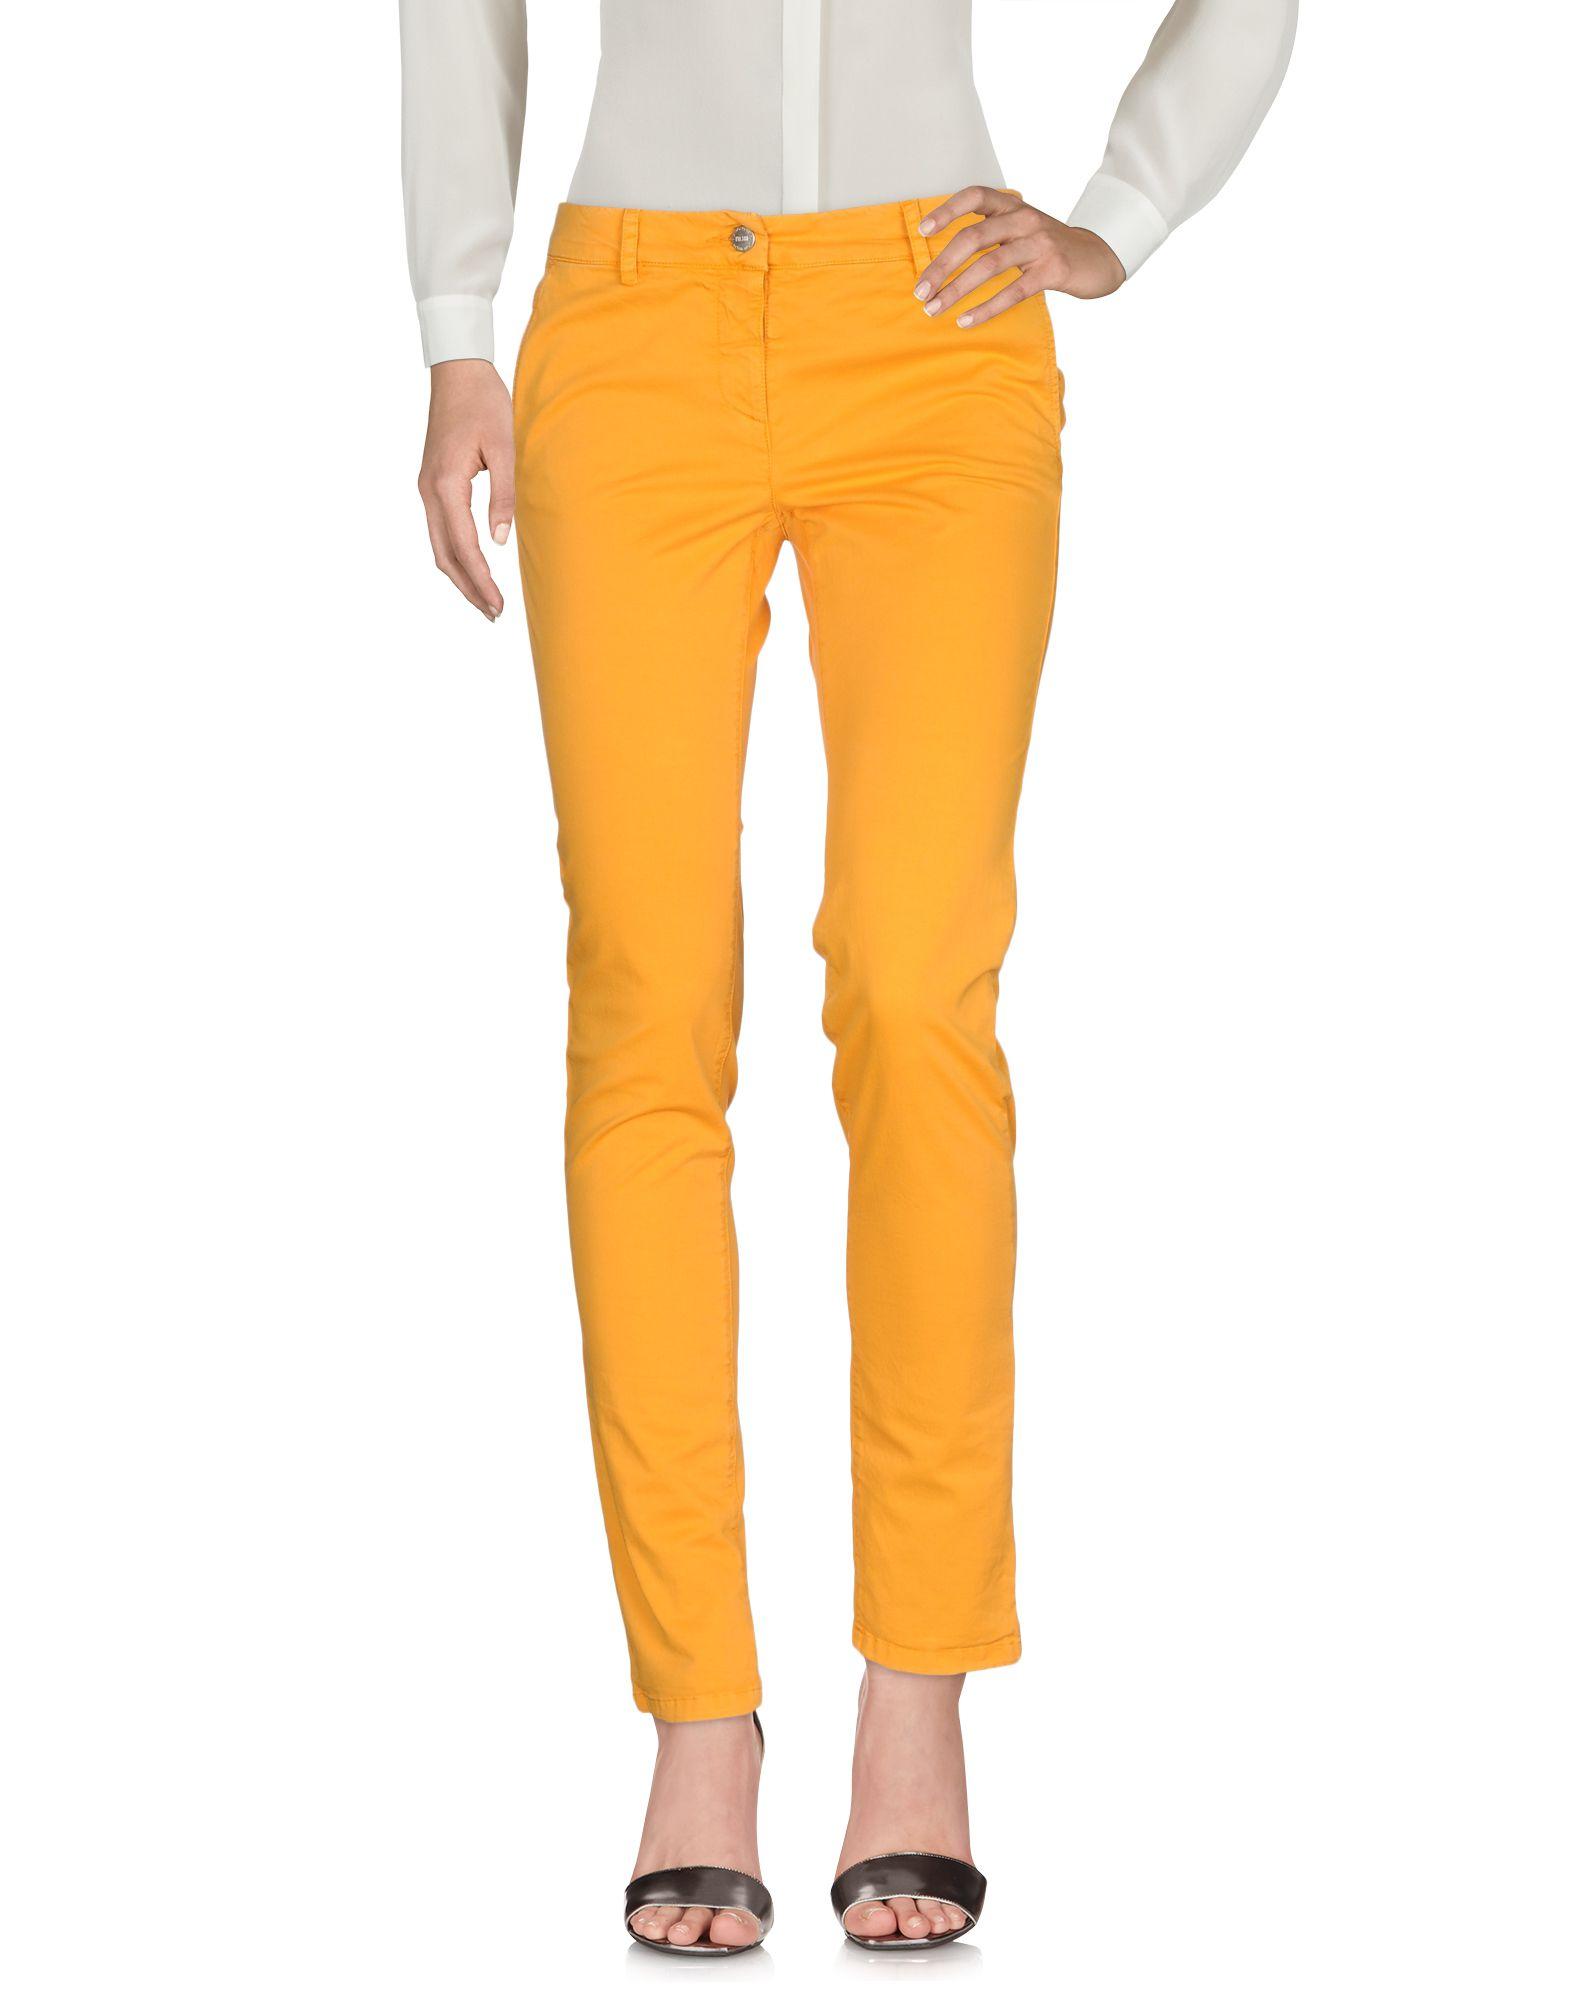 《セール開催中》DONNAVVENTURA by ALVIERO MARTINI 1a CLASSE レディース パンツ オレンジ 40 コットン 97% / テンセル 3%